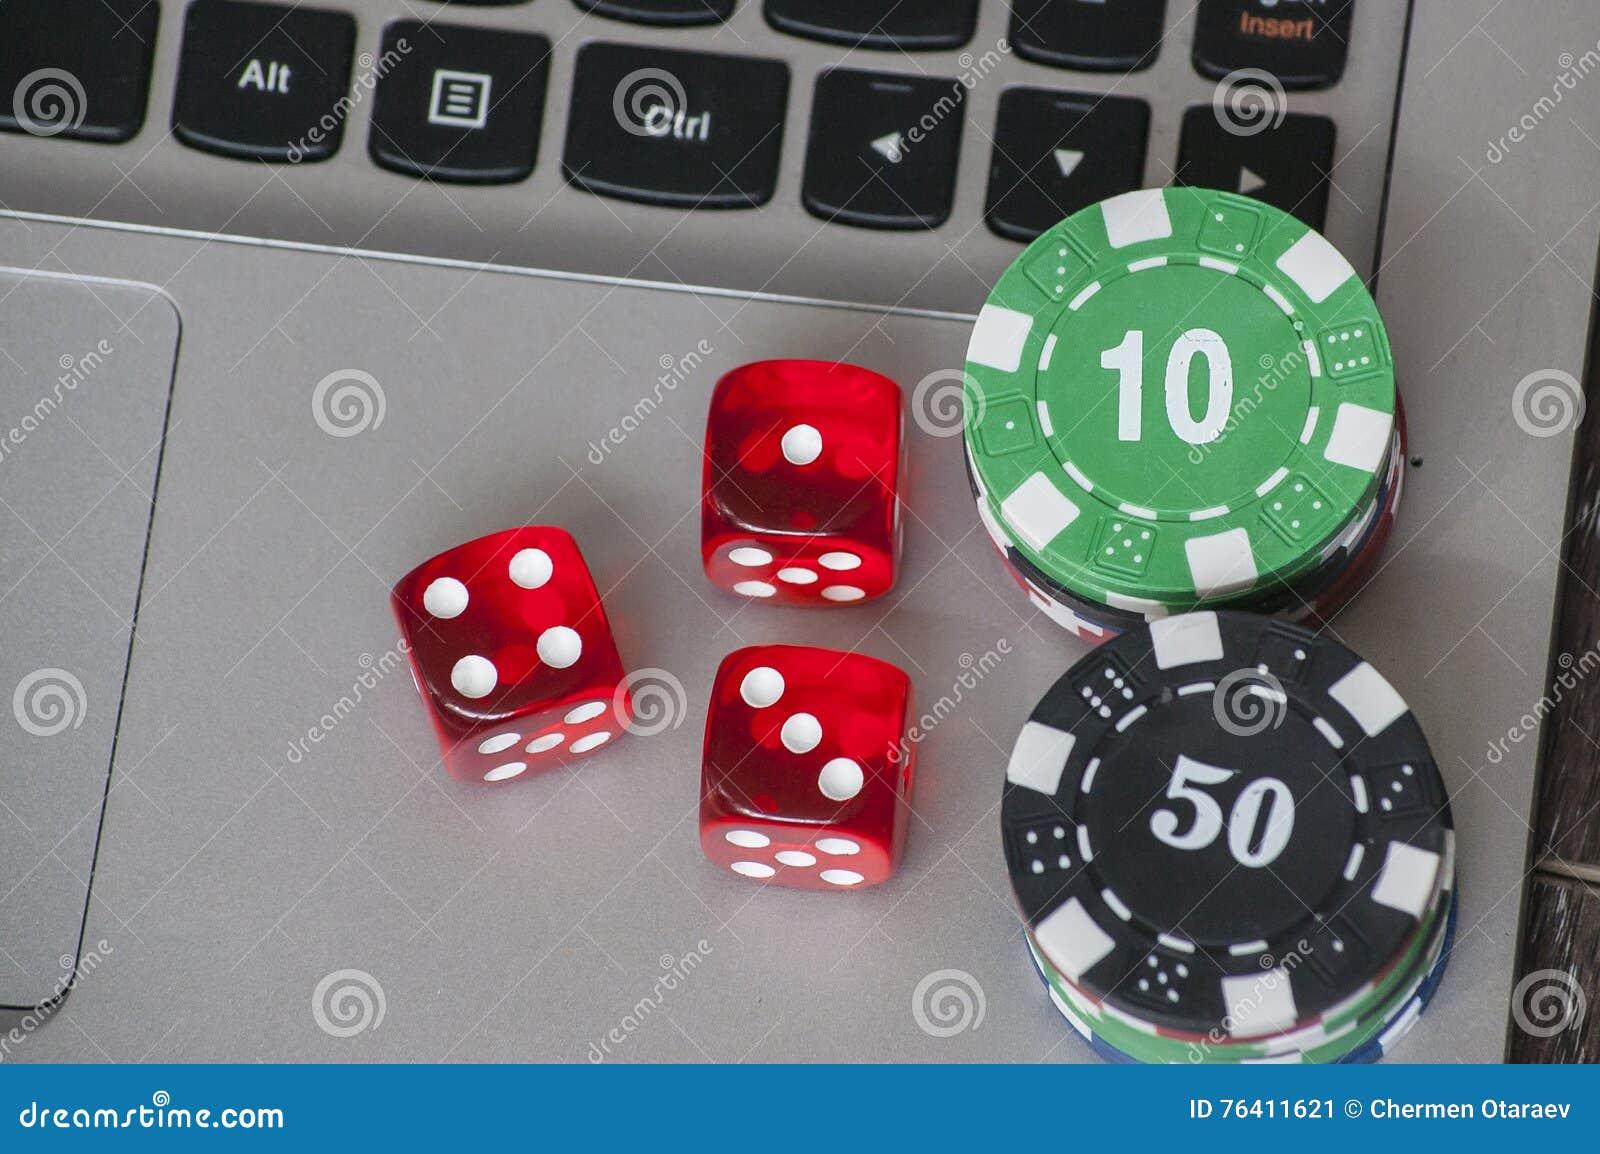 Игры азартные книжки inurl userinfo php uid онлайн флэш игровые автоматы бесплатно